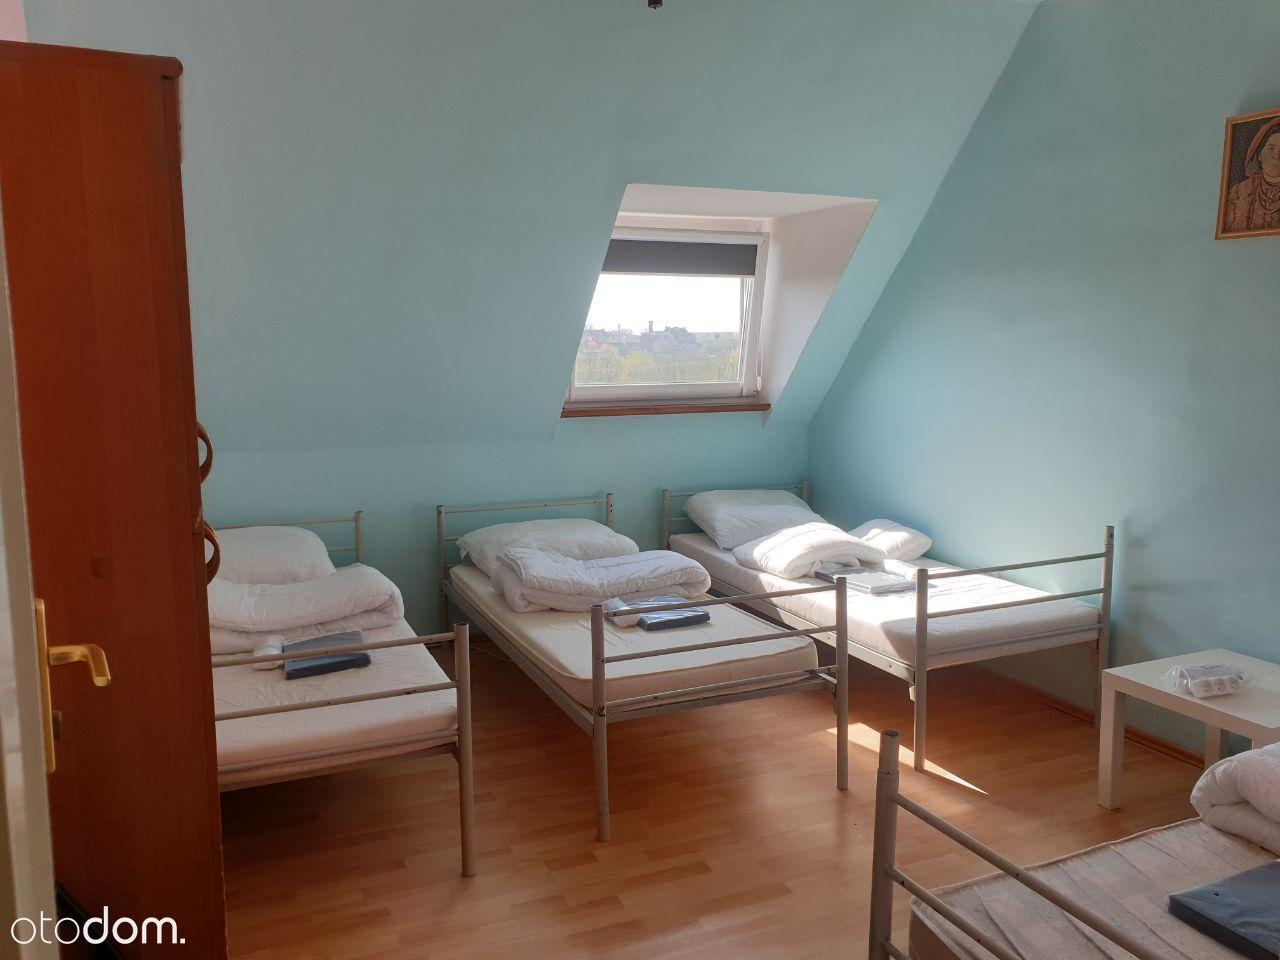 Mieszkania pracownicze- wynajem do 18 osób każde